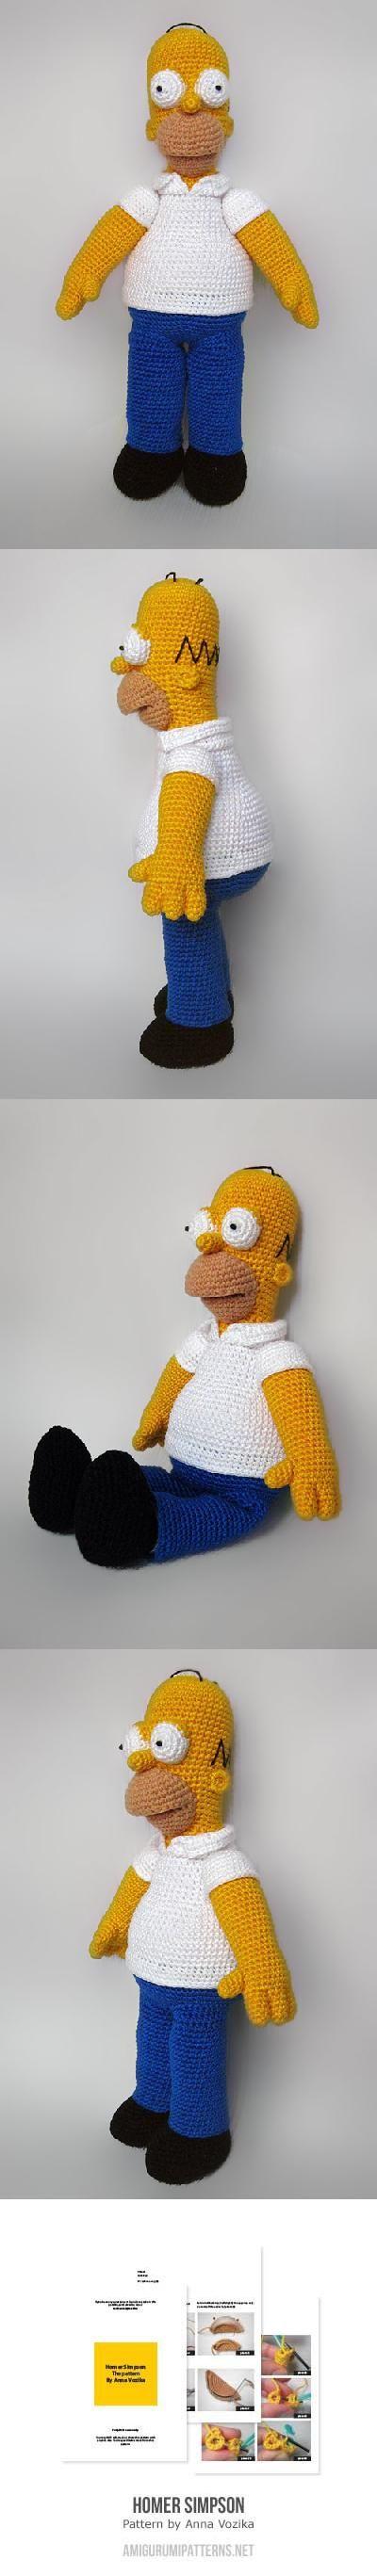 Found at Amigurumipatterns.net - Homer Simpson!